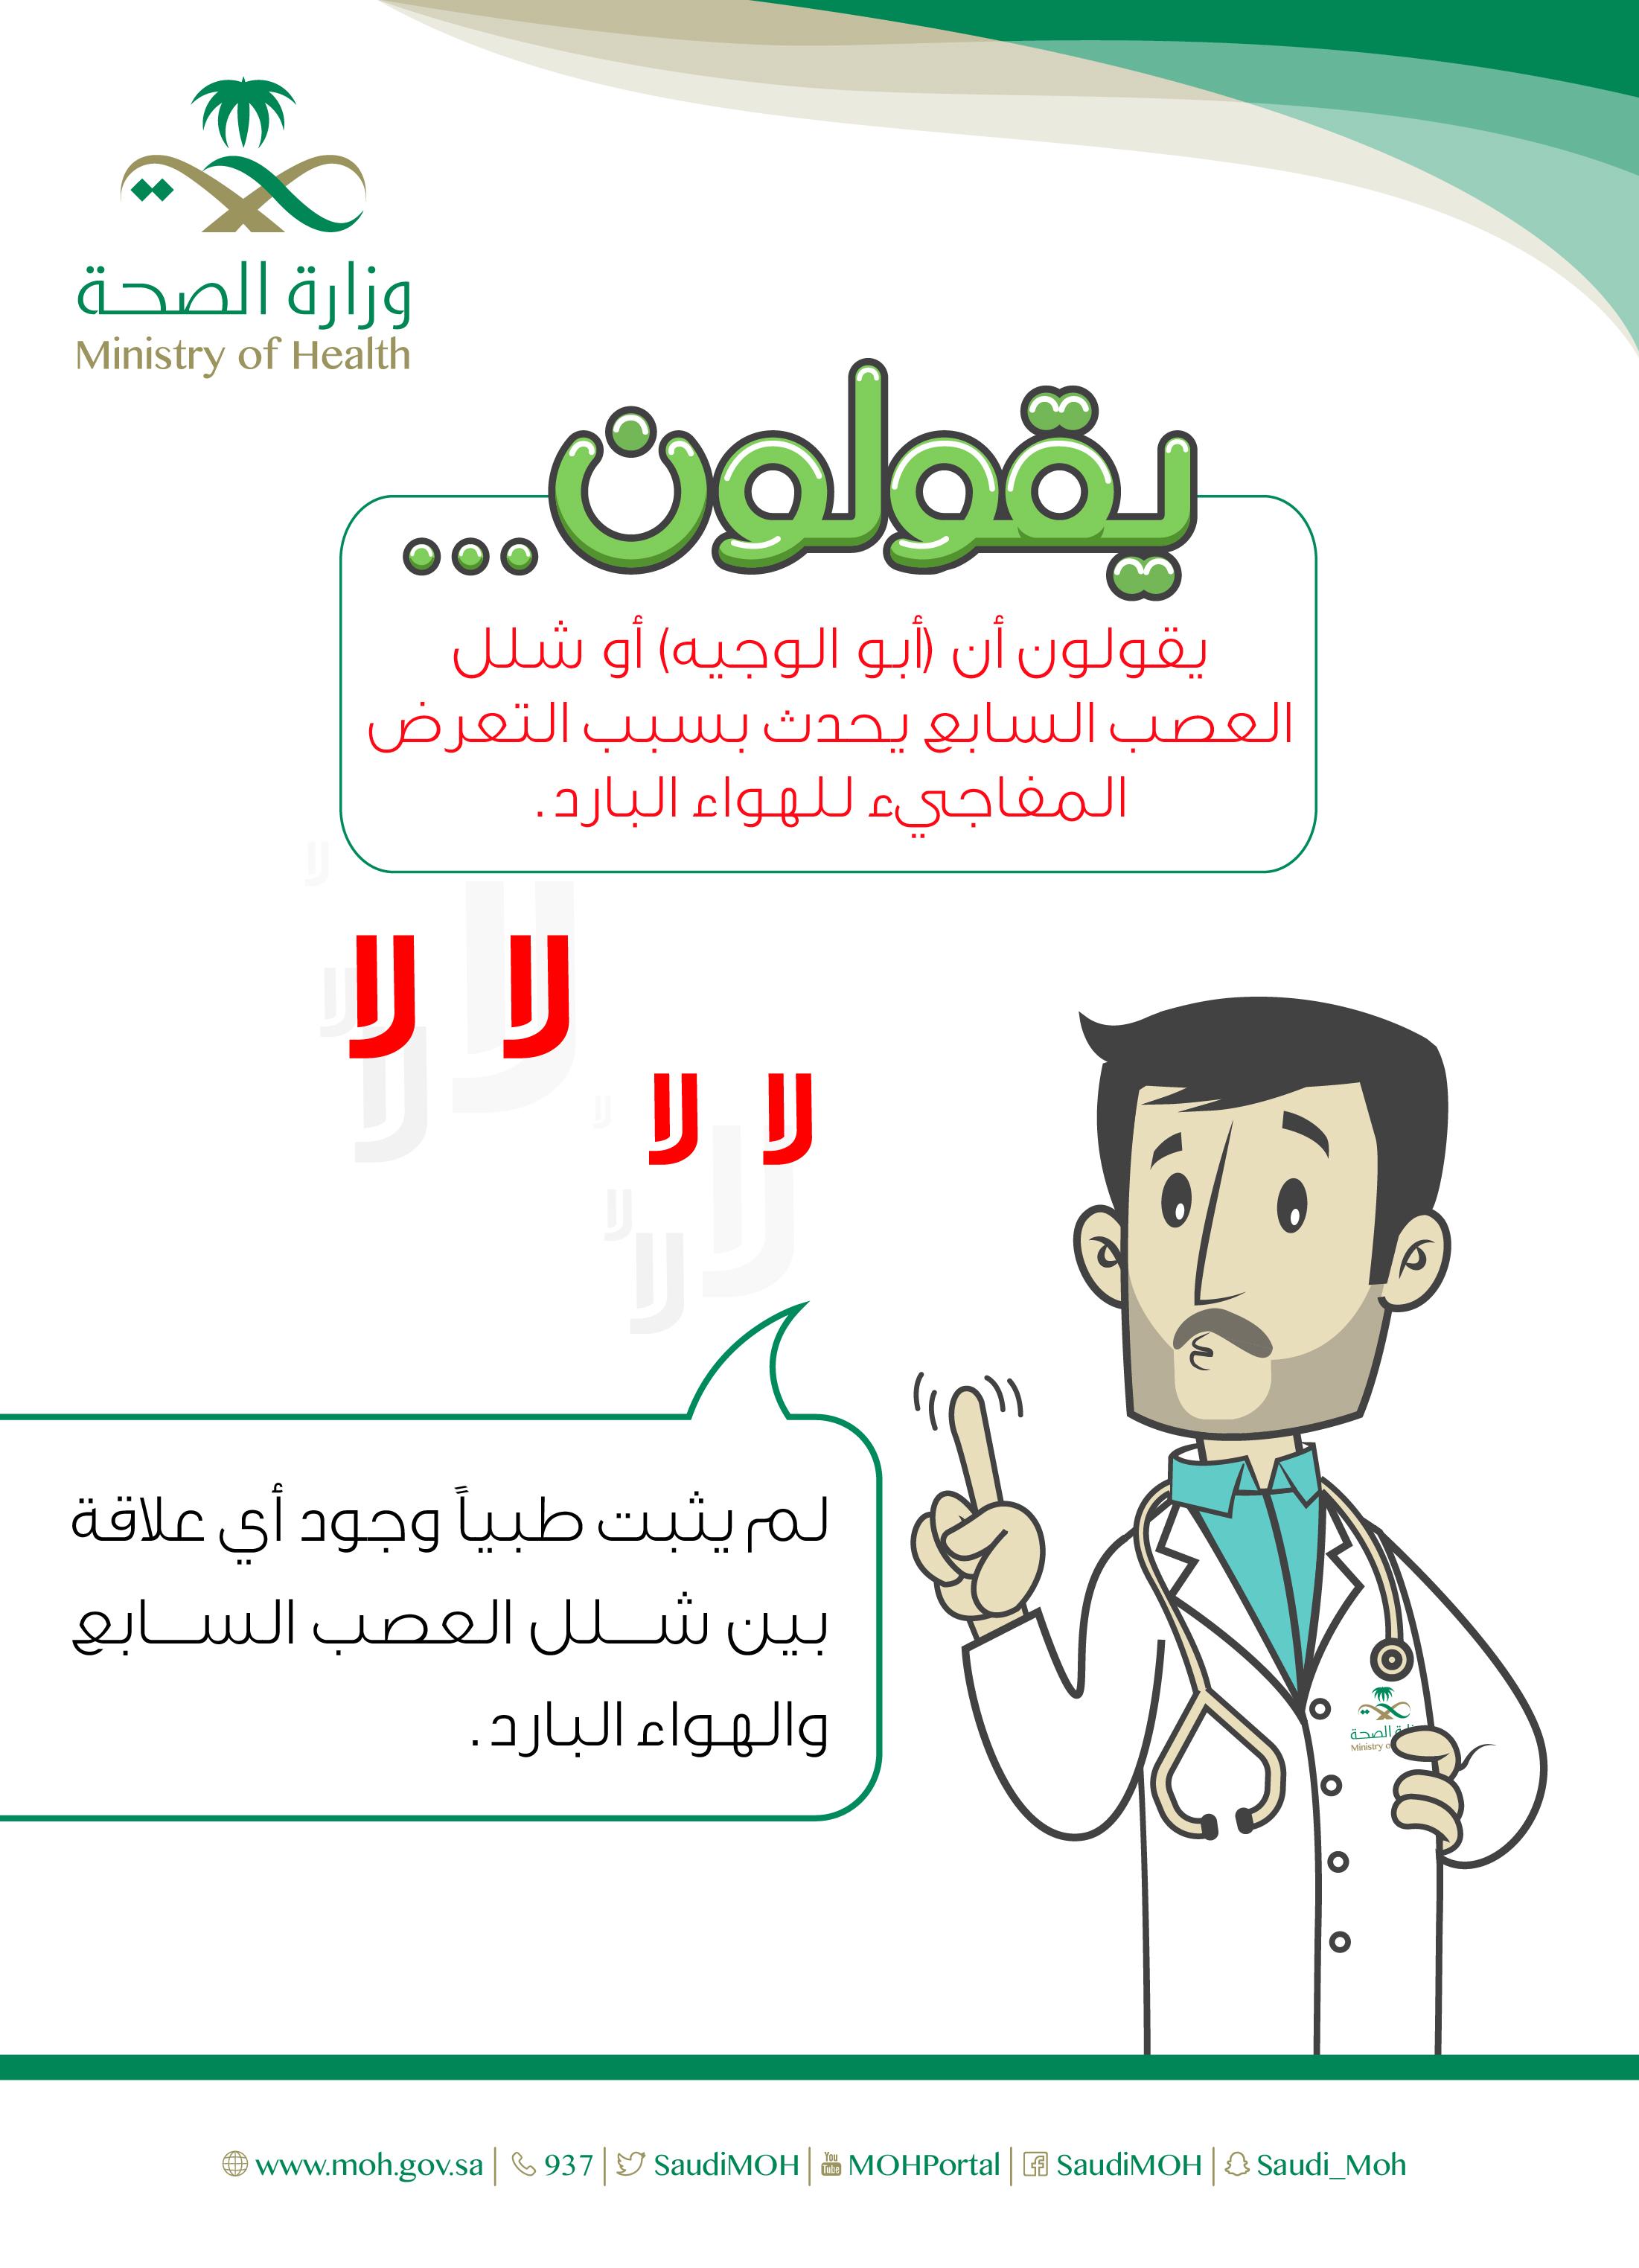 مواضيع مختلفة شلل العصب السابع